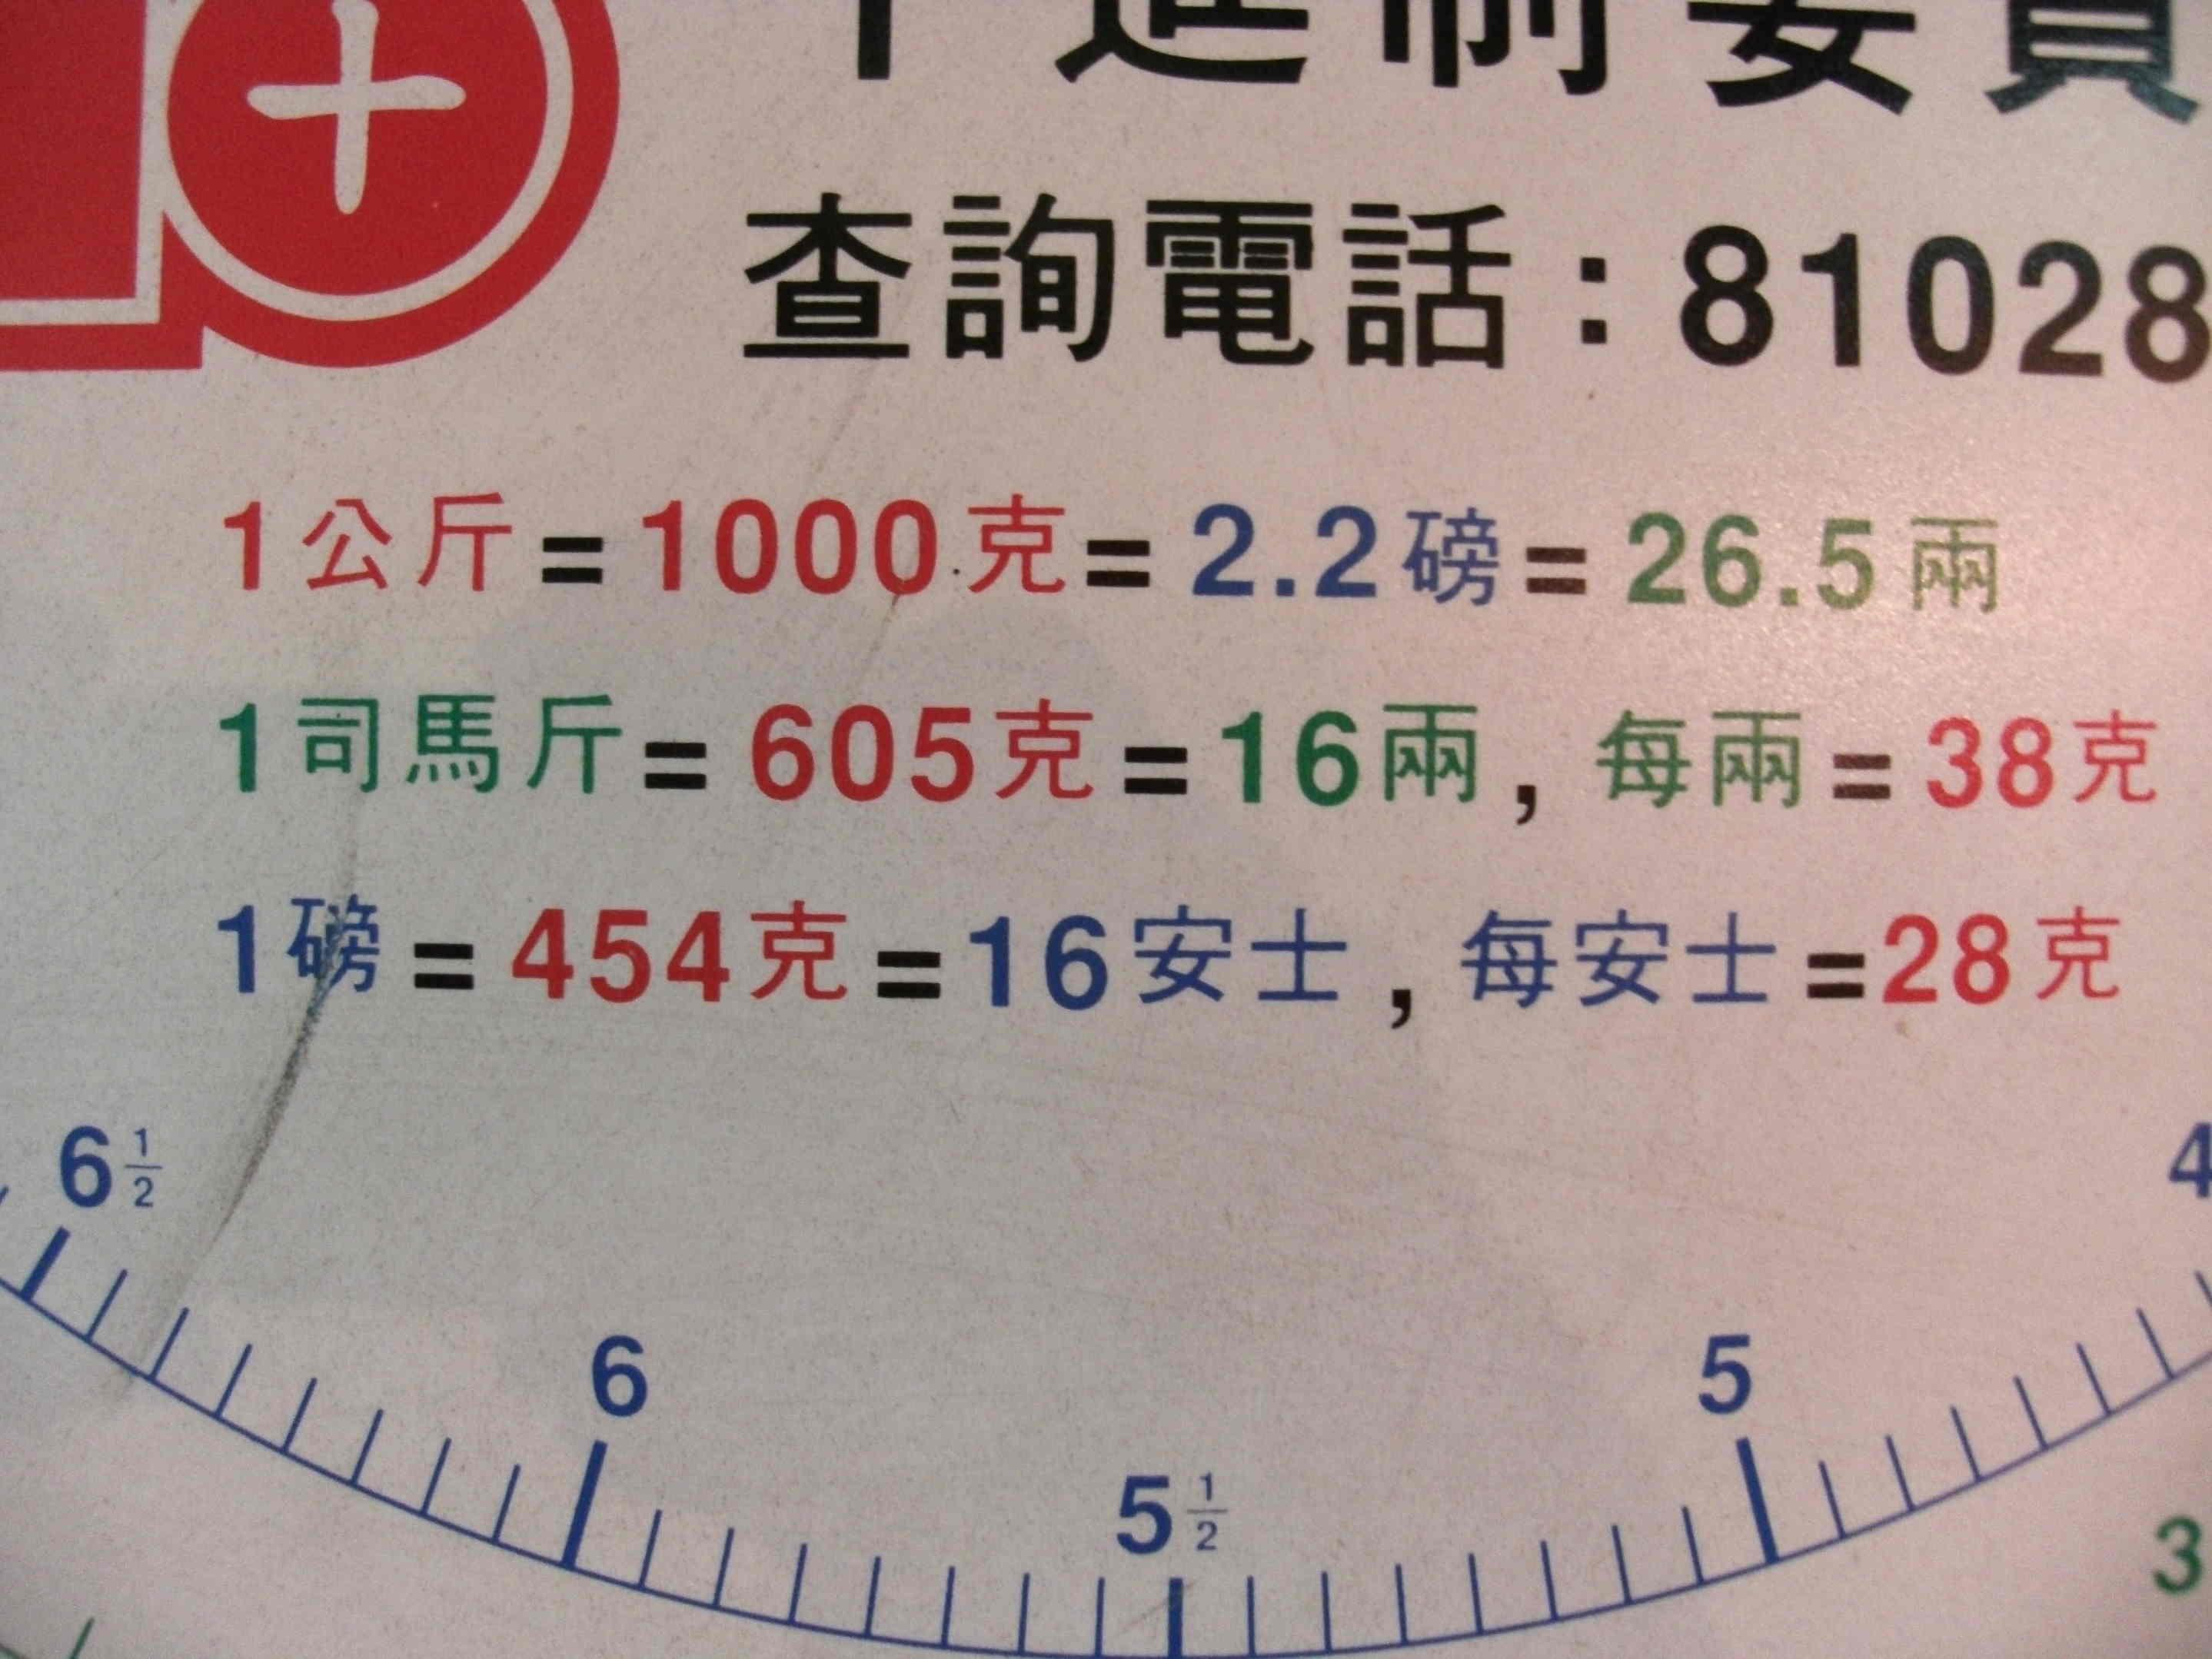 公克如何換算成毫升|換算|如何- 公克如何換算成毫升|換算|如何 - 快熱資訊 - 走進時代